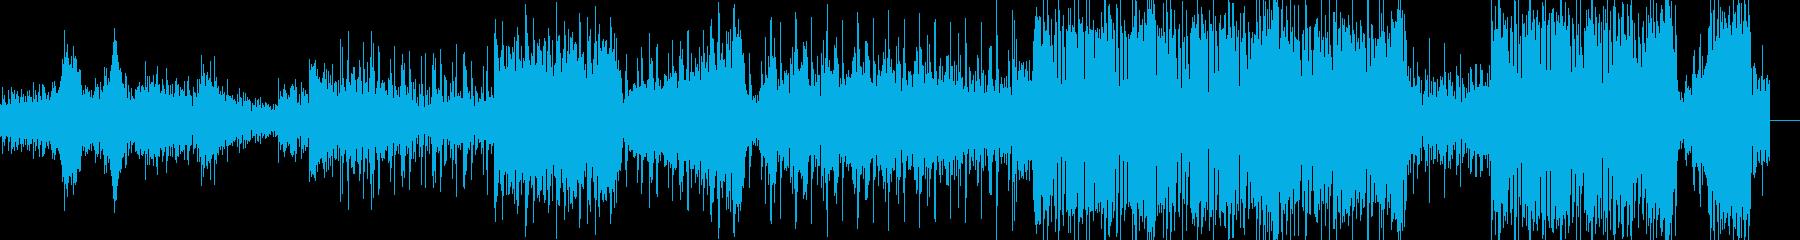 ノリやすいエレクトロなインスト曲の再生済みの波形